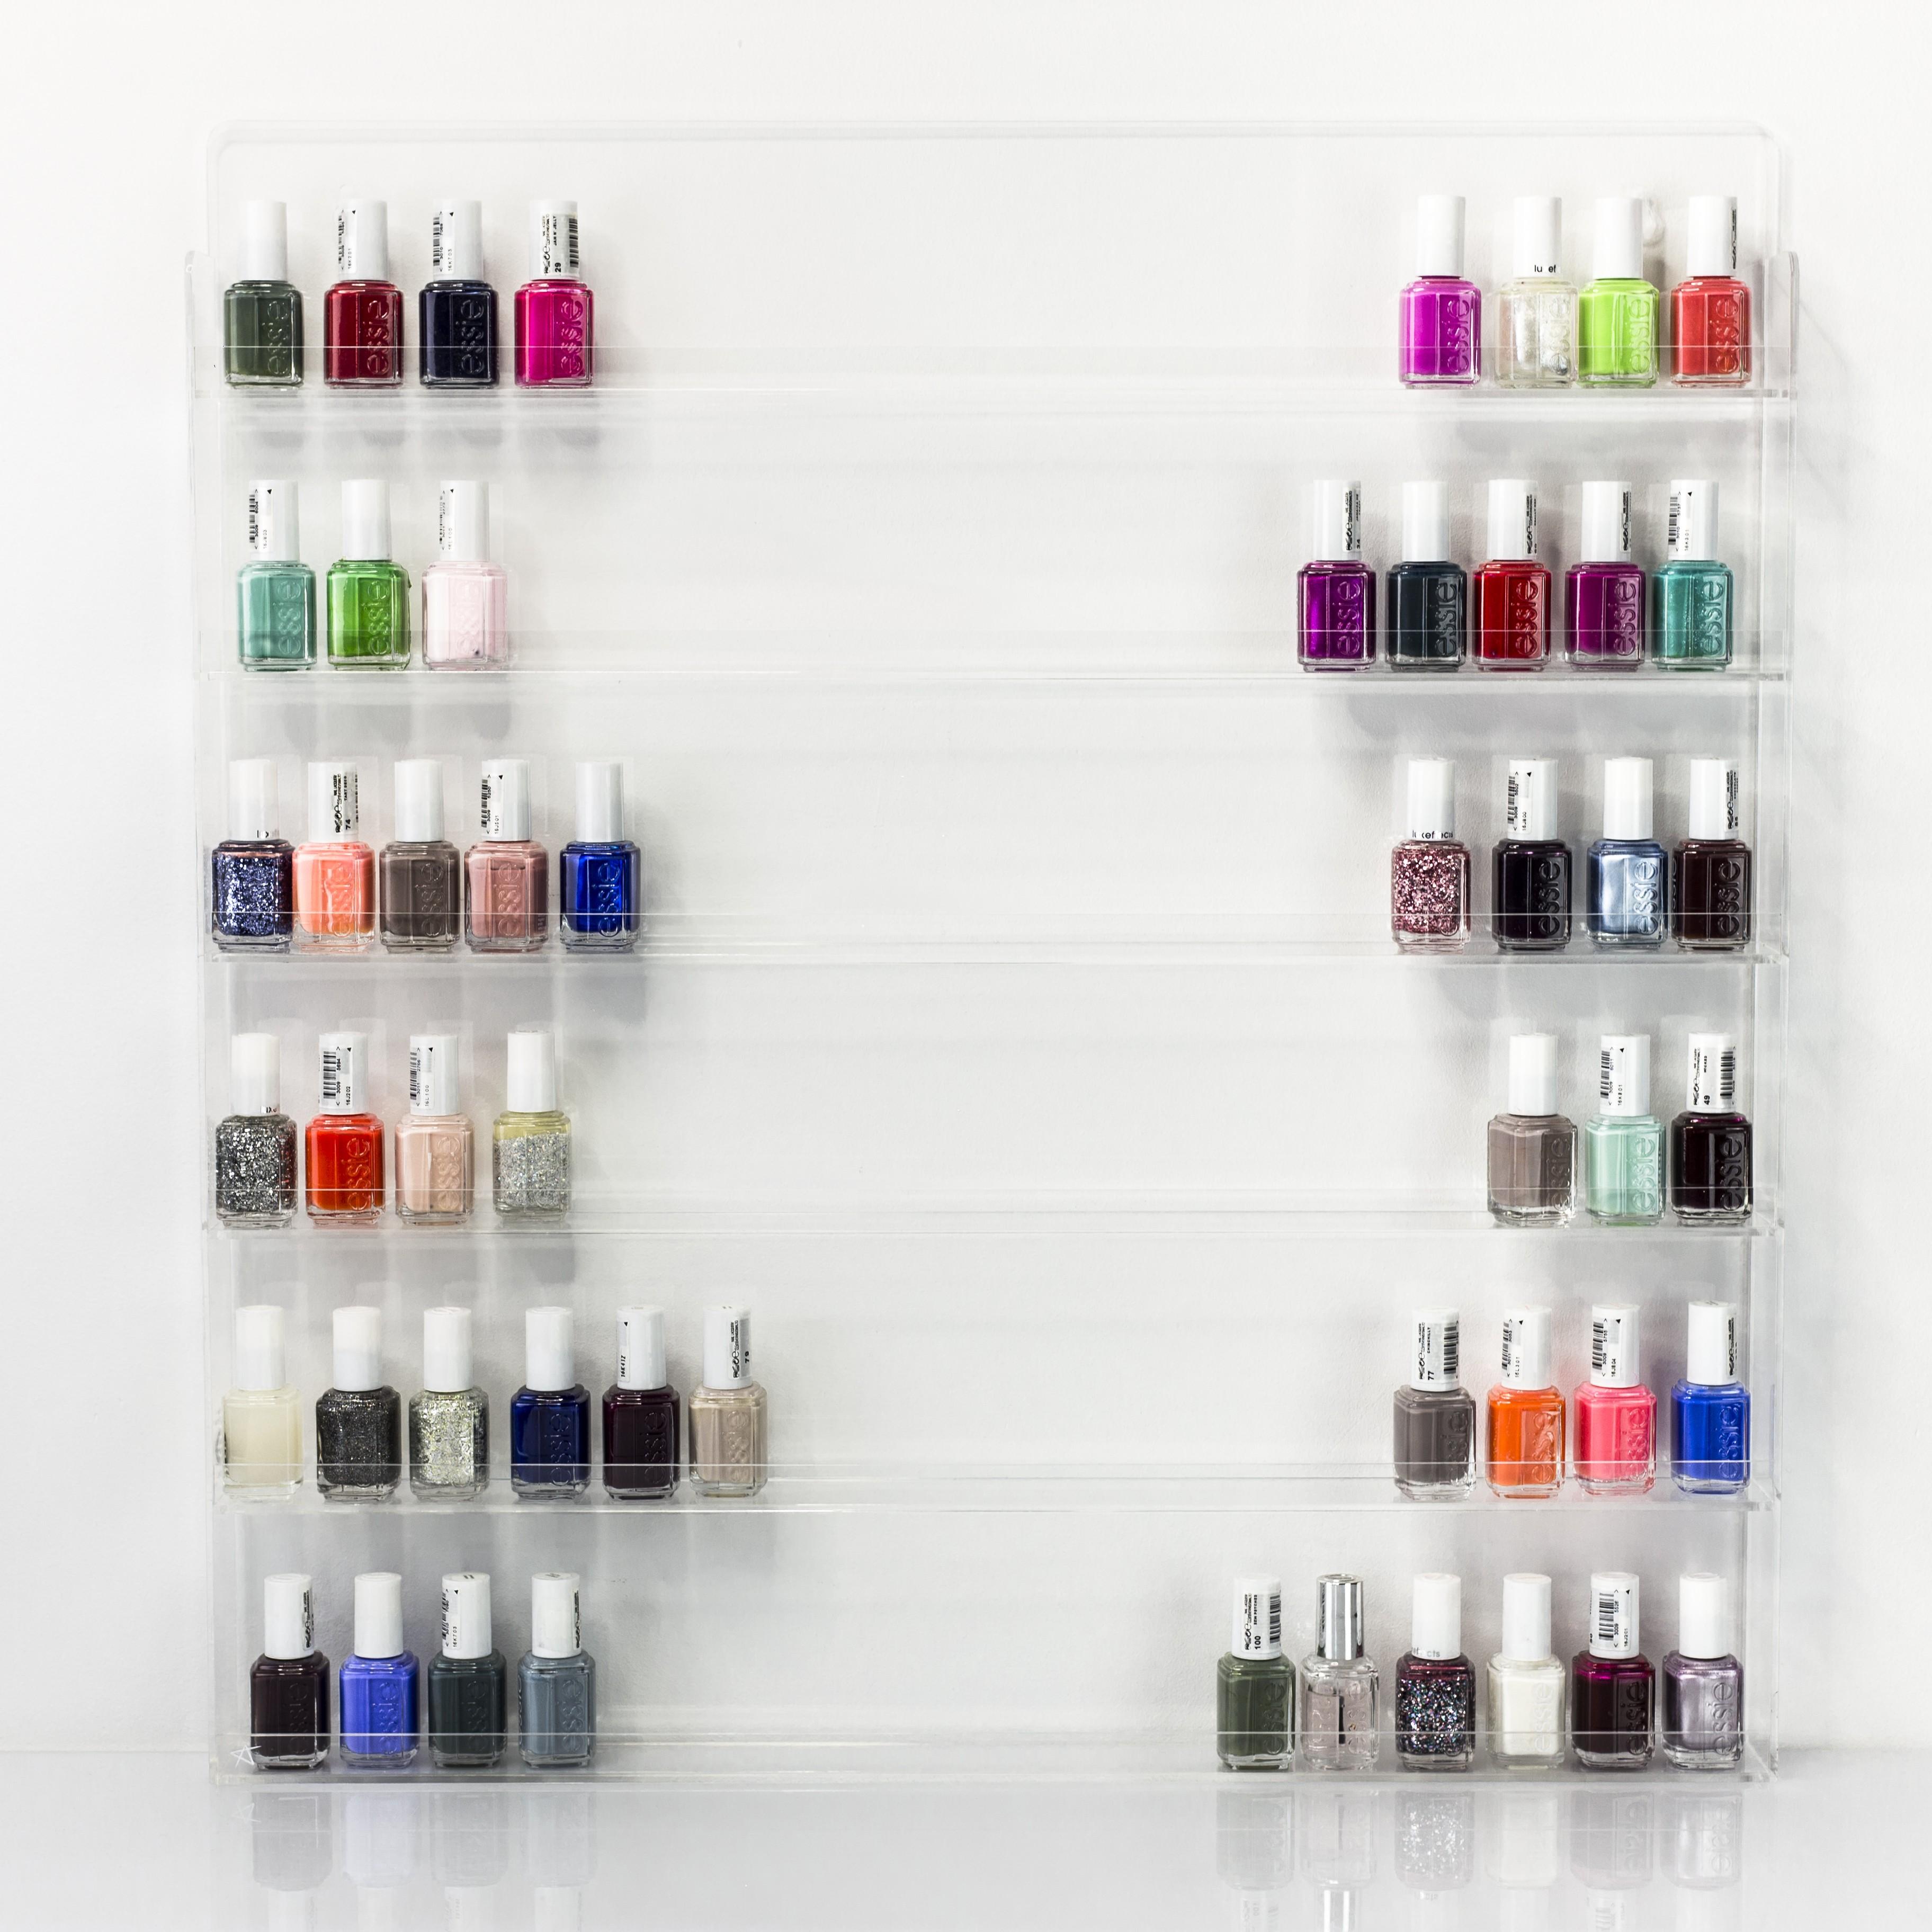 Acrylic nail varnish display stand